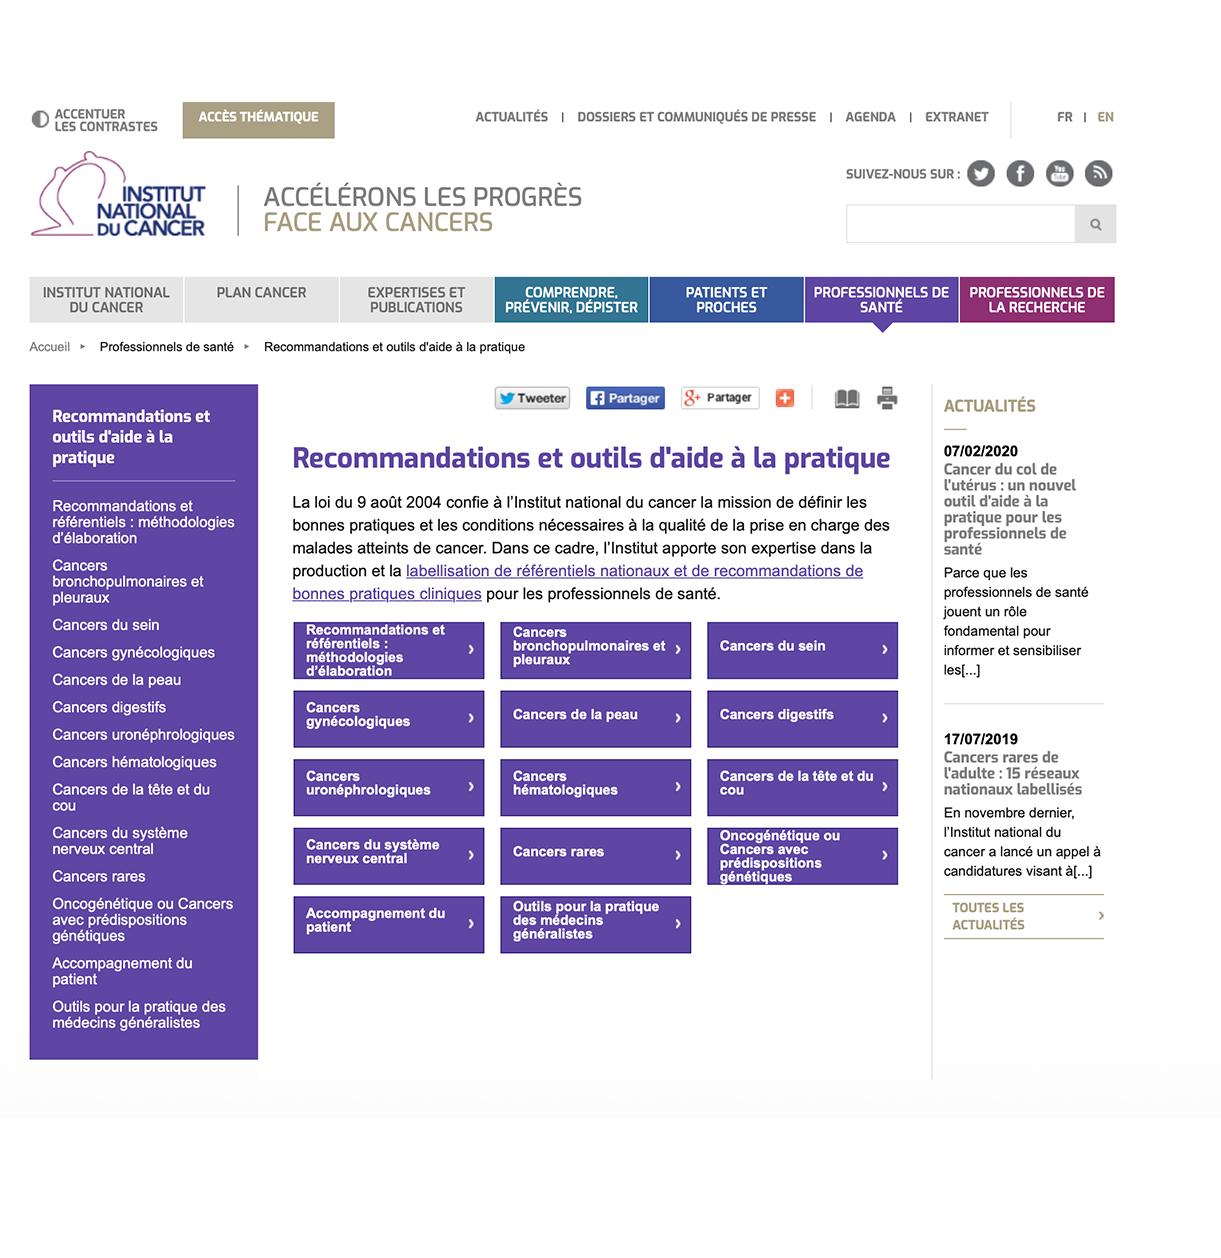 Recommandations et outils d'aide à la pratique